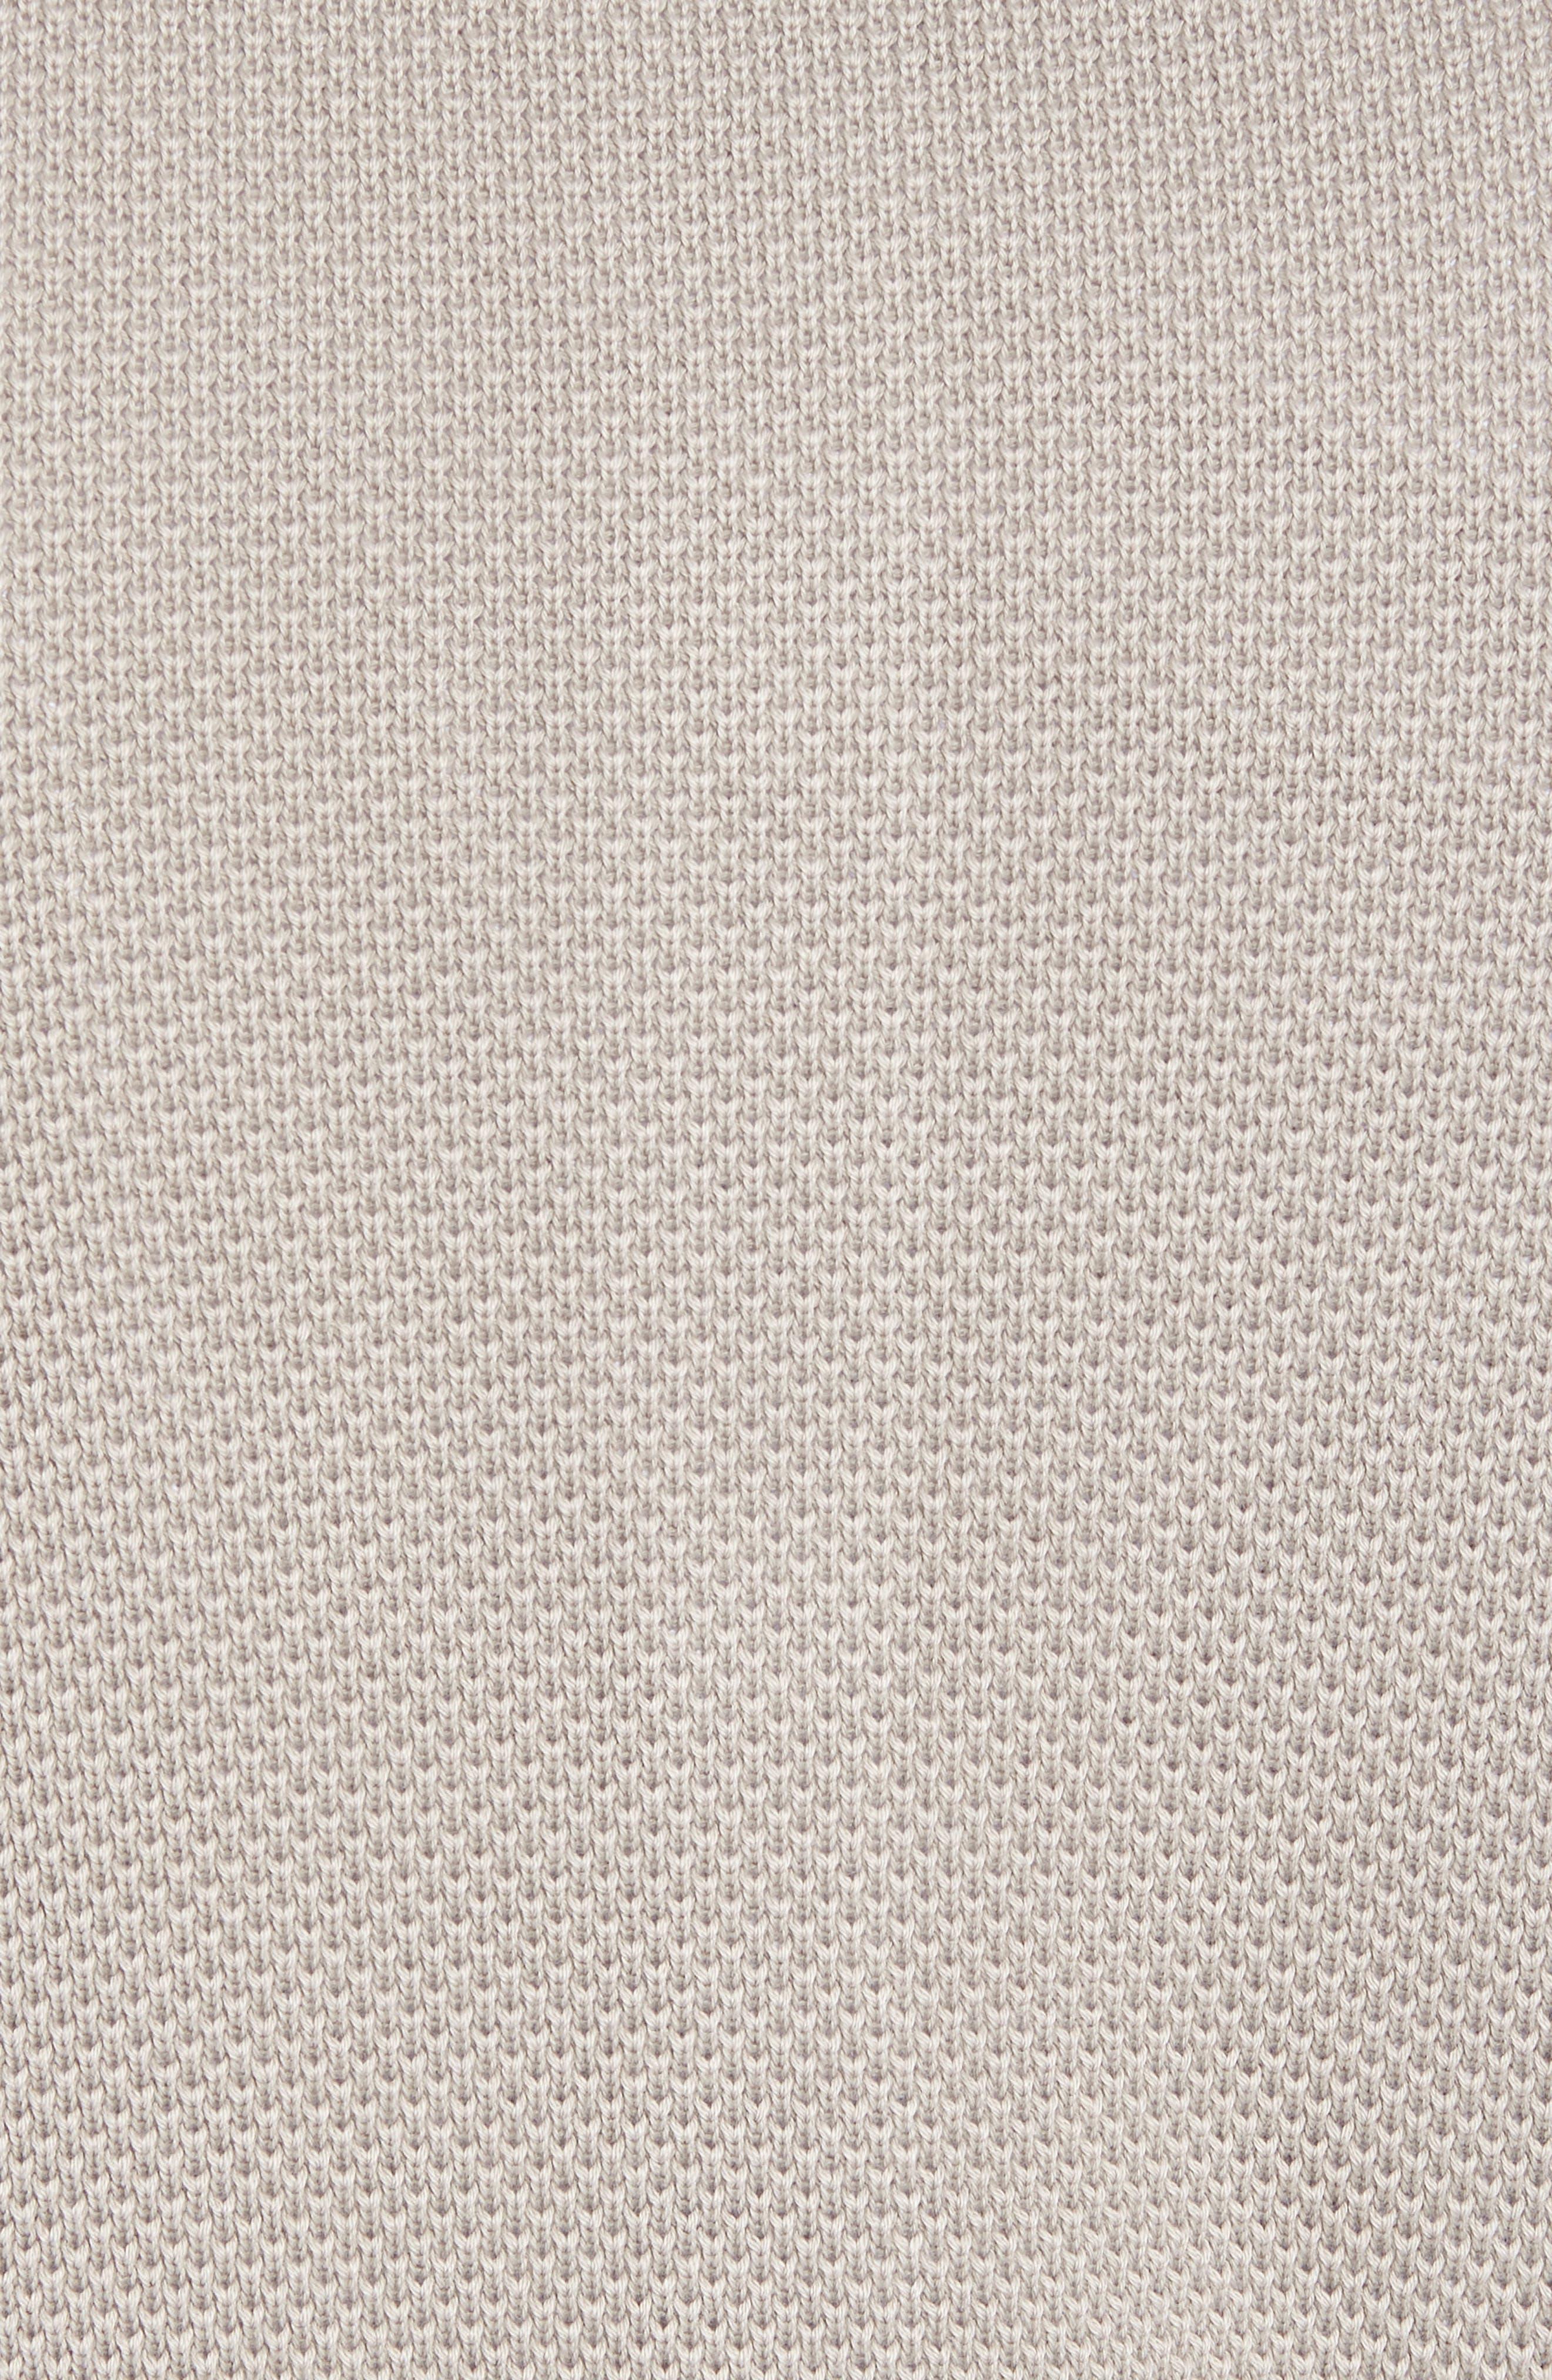 Stonewash Cotton Cardigan,                             Alternate thumbnail 5, color,                             Washed Stone